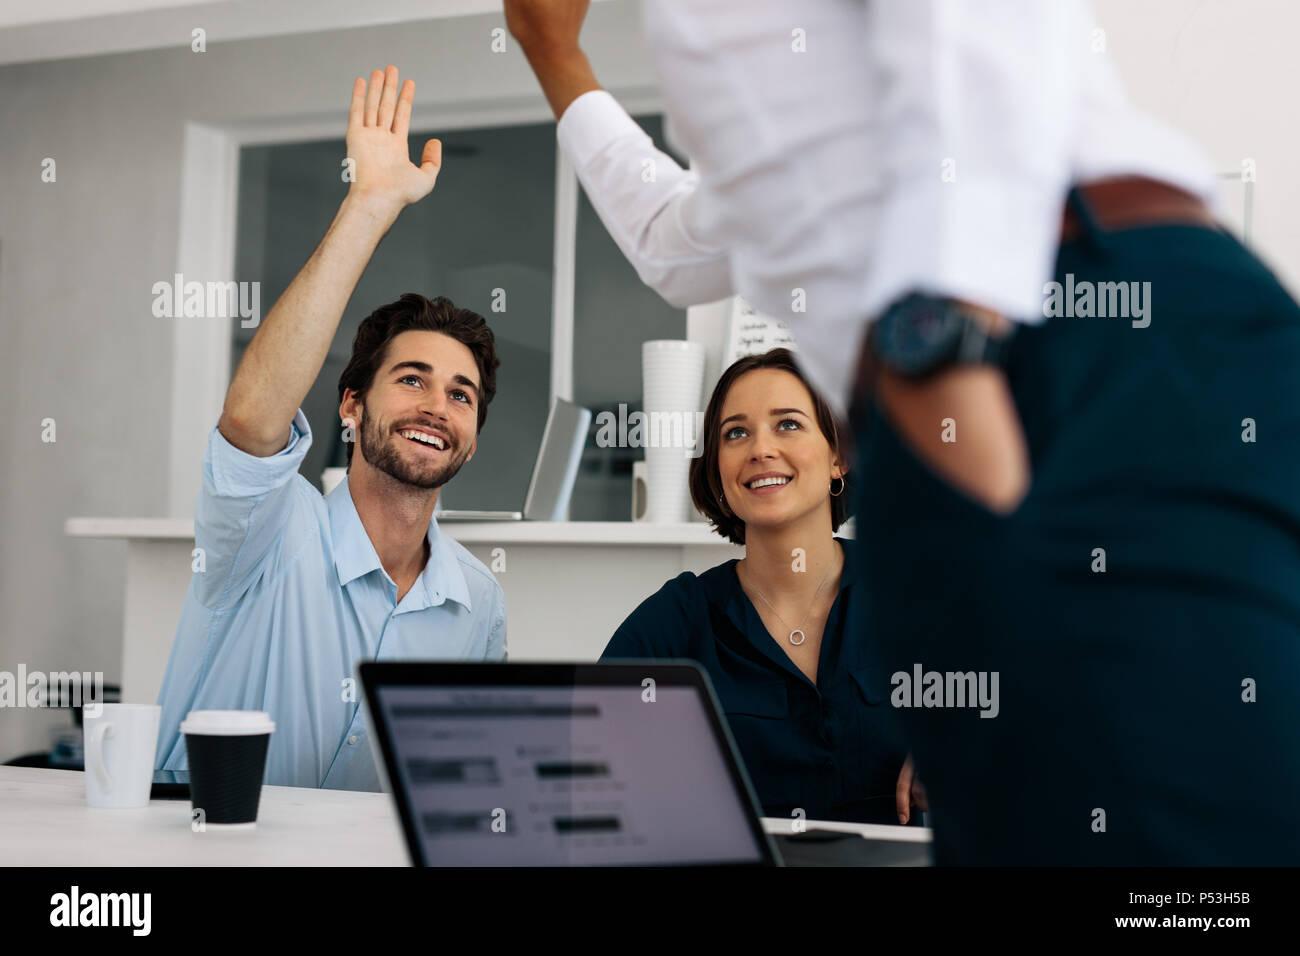 Des collègues d'affaires offrant un bon cinq assis à la table de conférence. Les développeurs d'discuter travailler assis dans la salle de réunion. Photo Stock